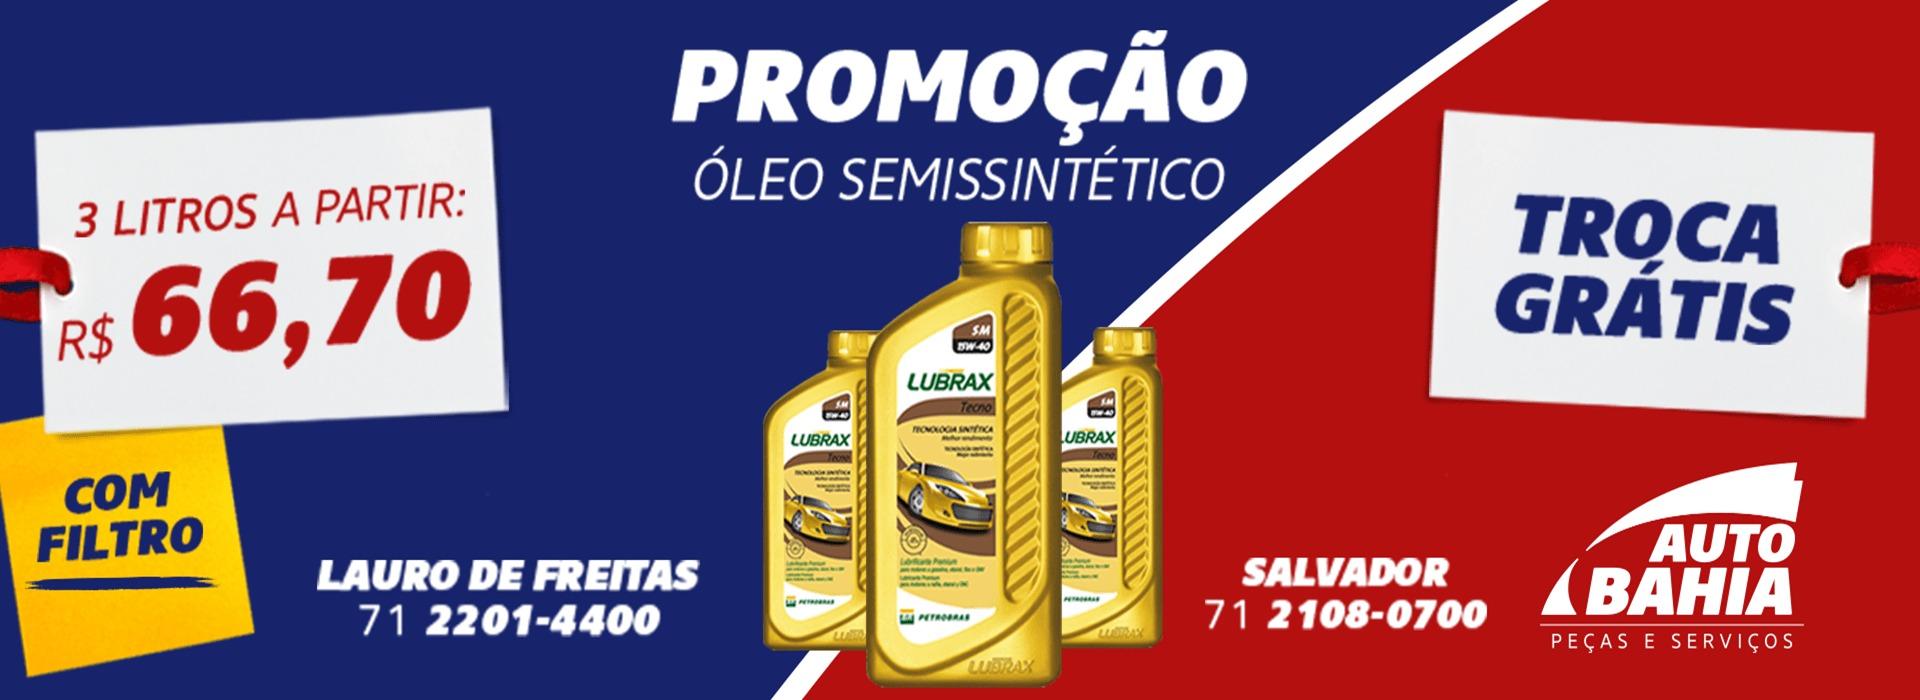 Promoção de Oleo